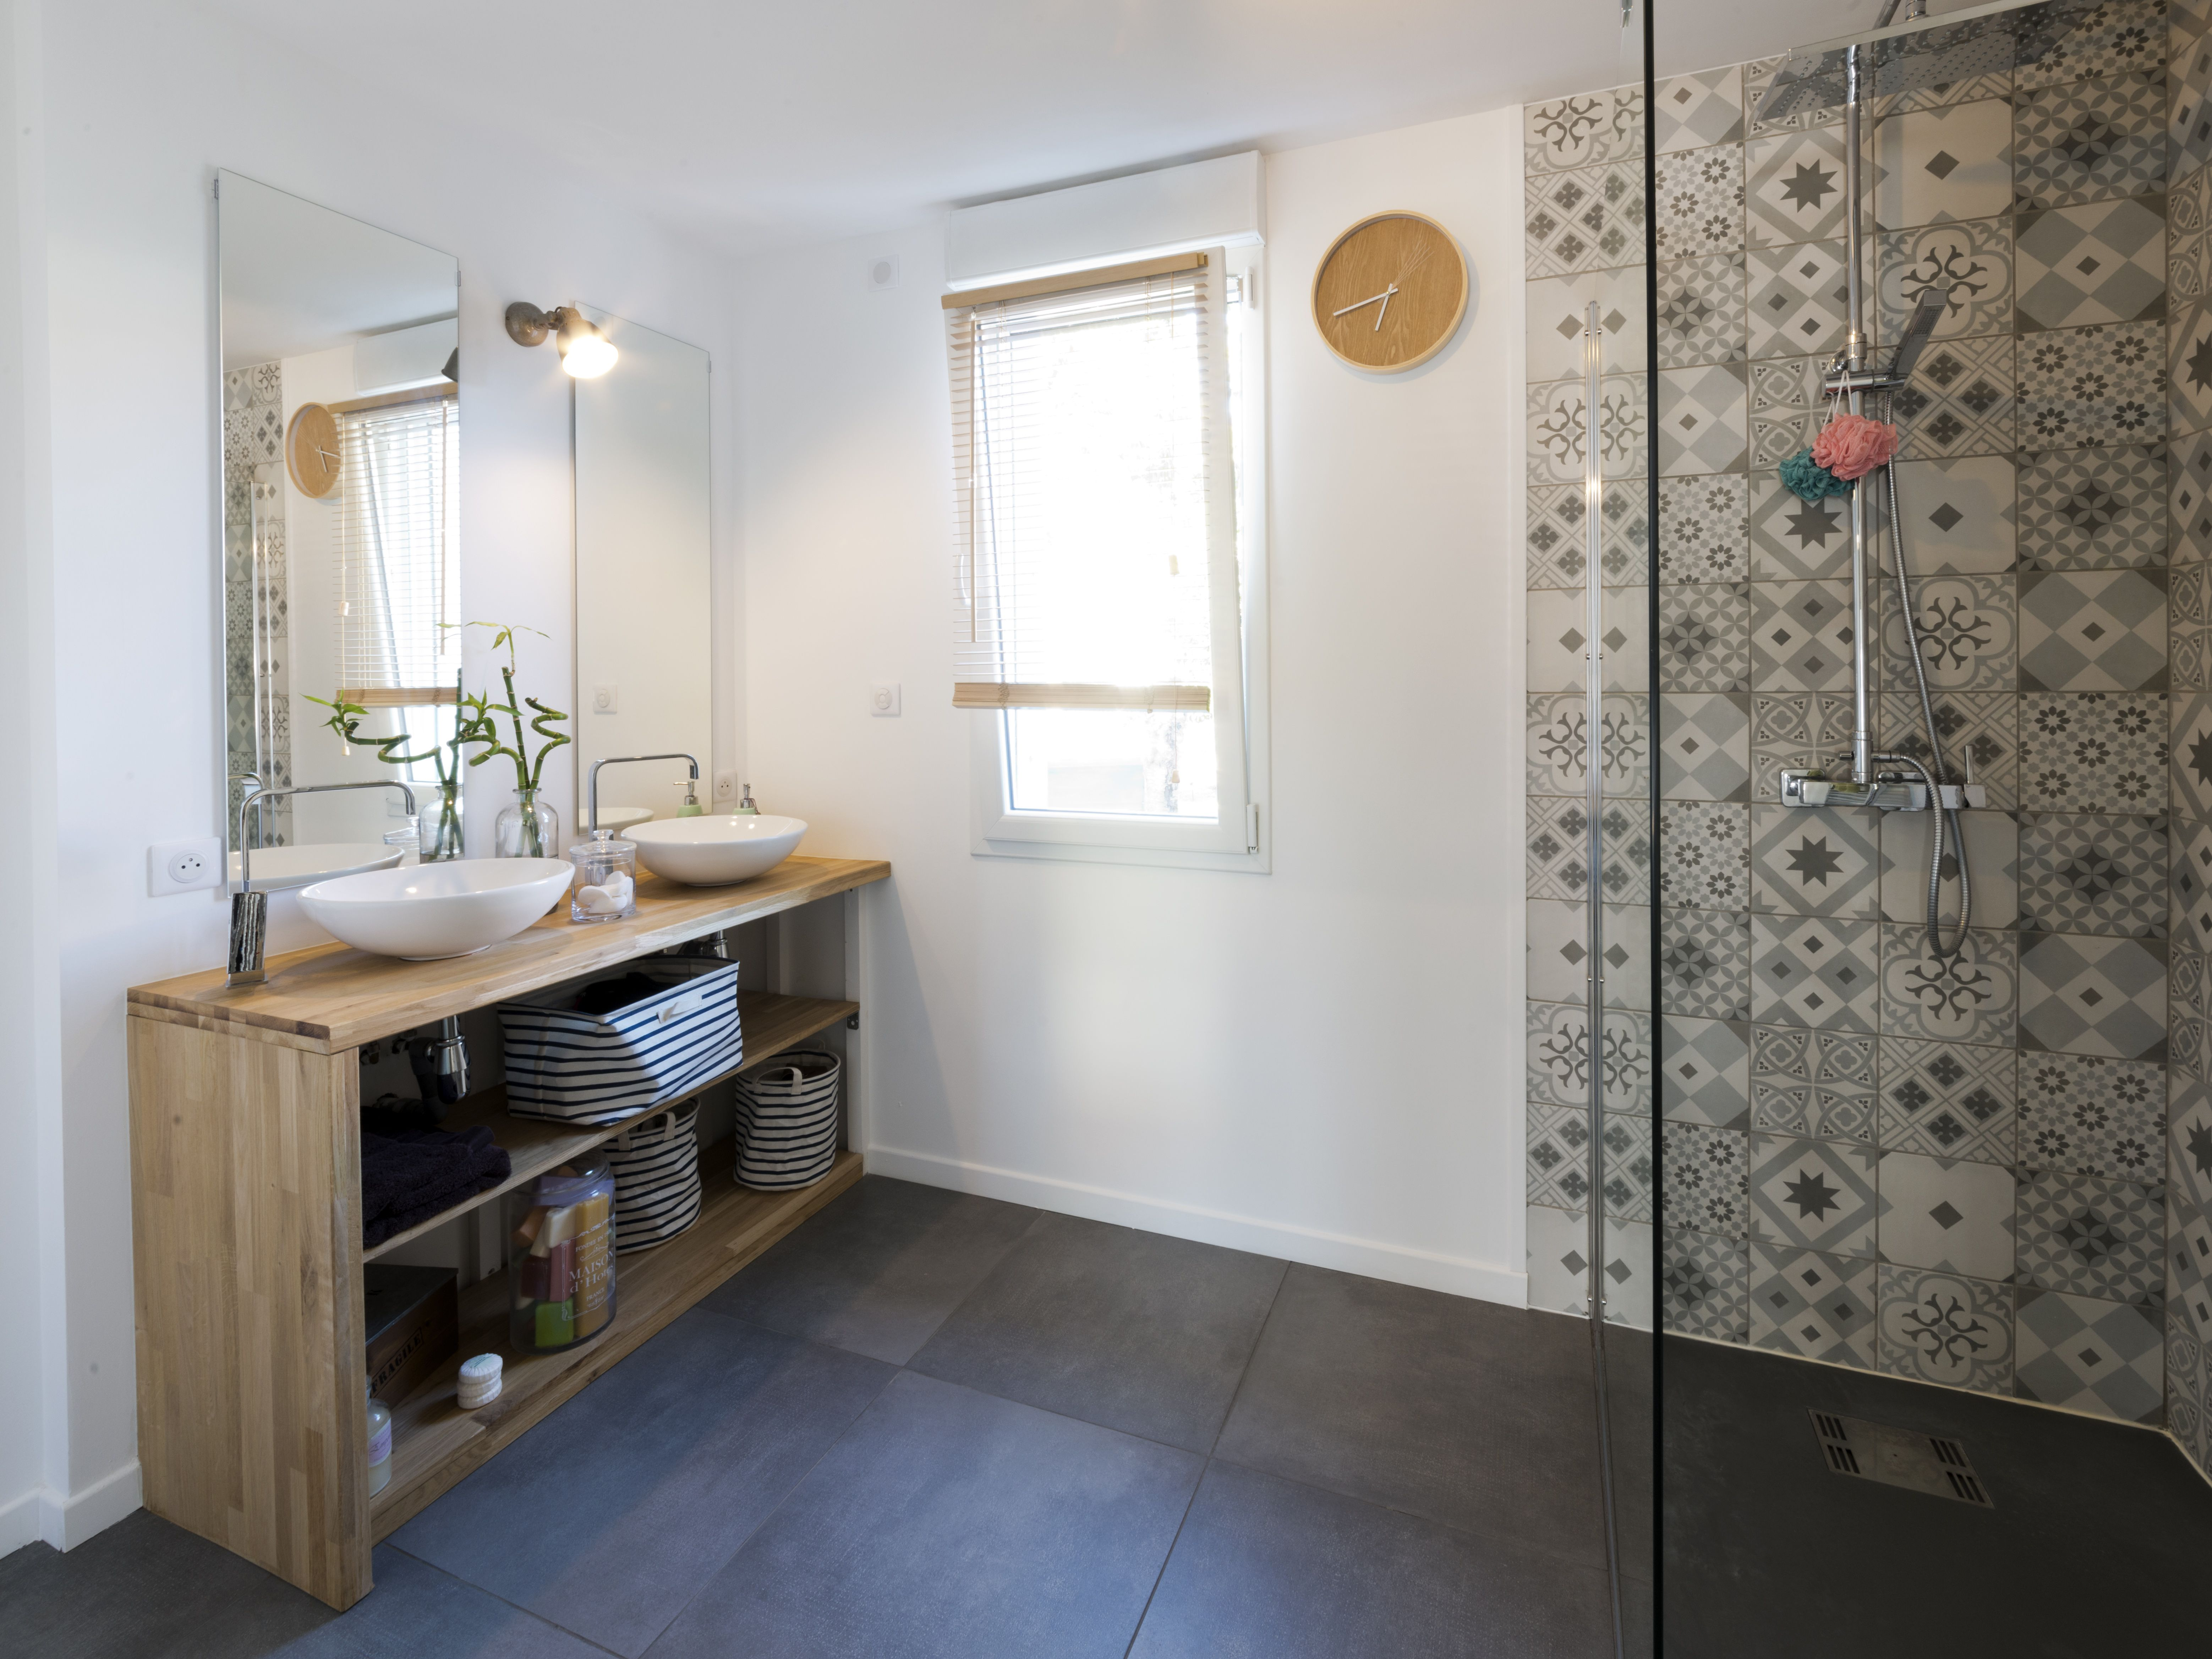 Une salle de bains pour les parents avec une douche l - Carreaux pour salle de bain ...